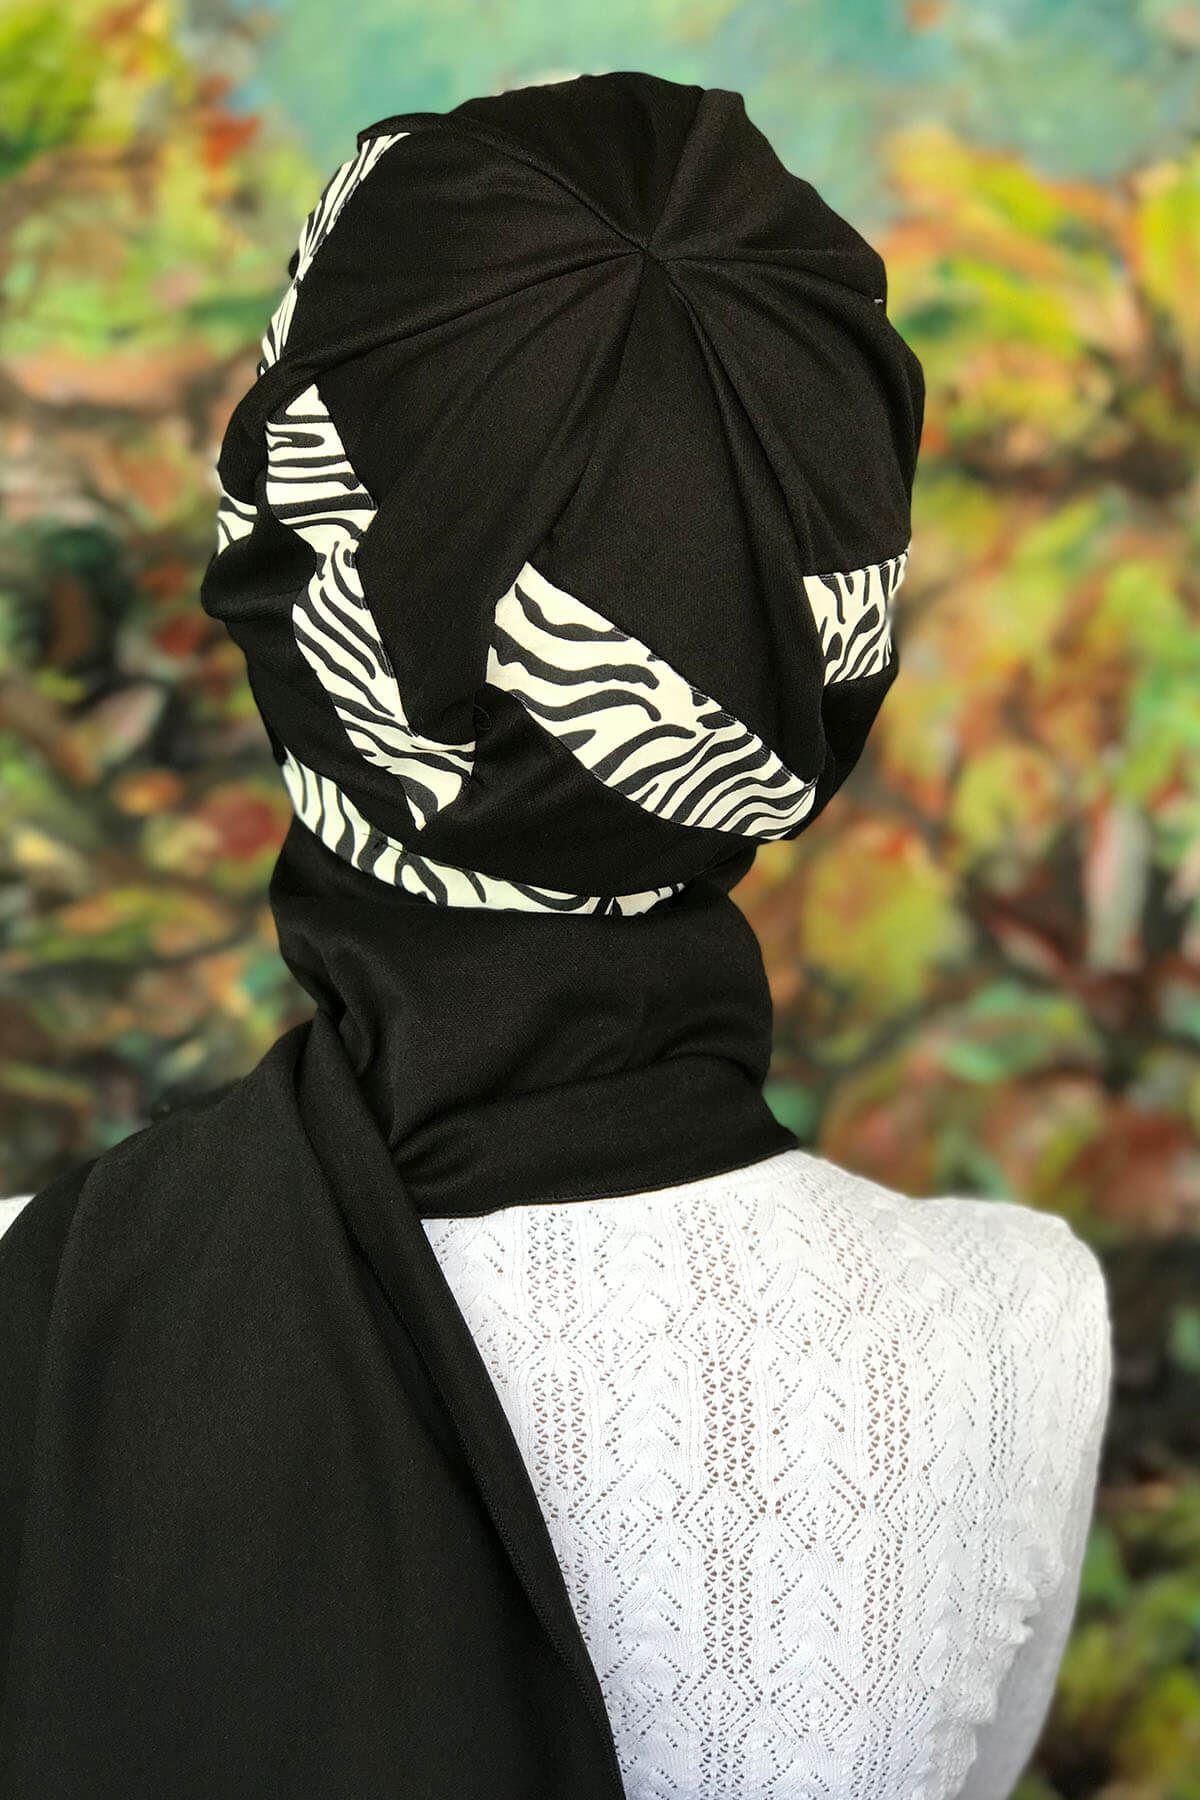 Beyaz Üzeri Siyah Zebra Desen Şerit Desen Tokalı Siyah Atkılı Bone